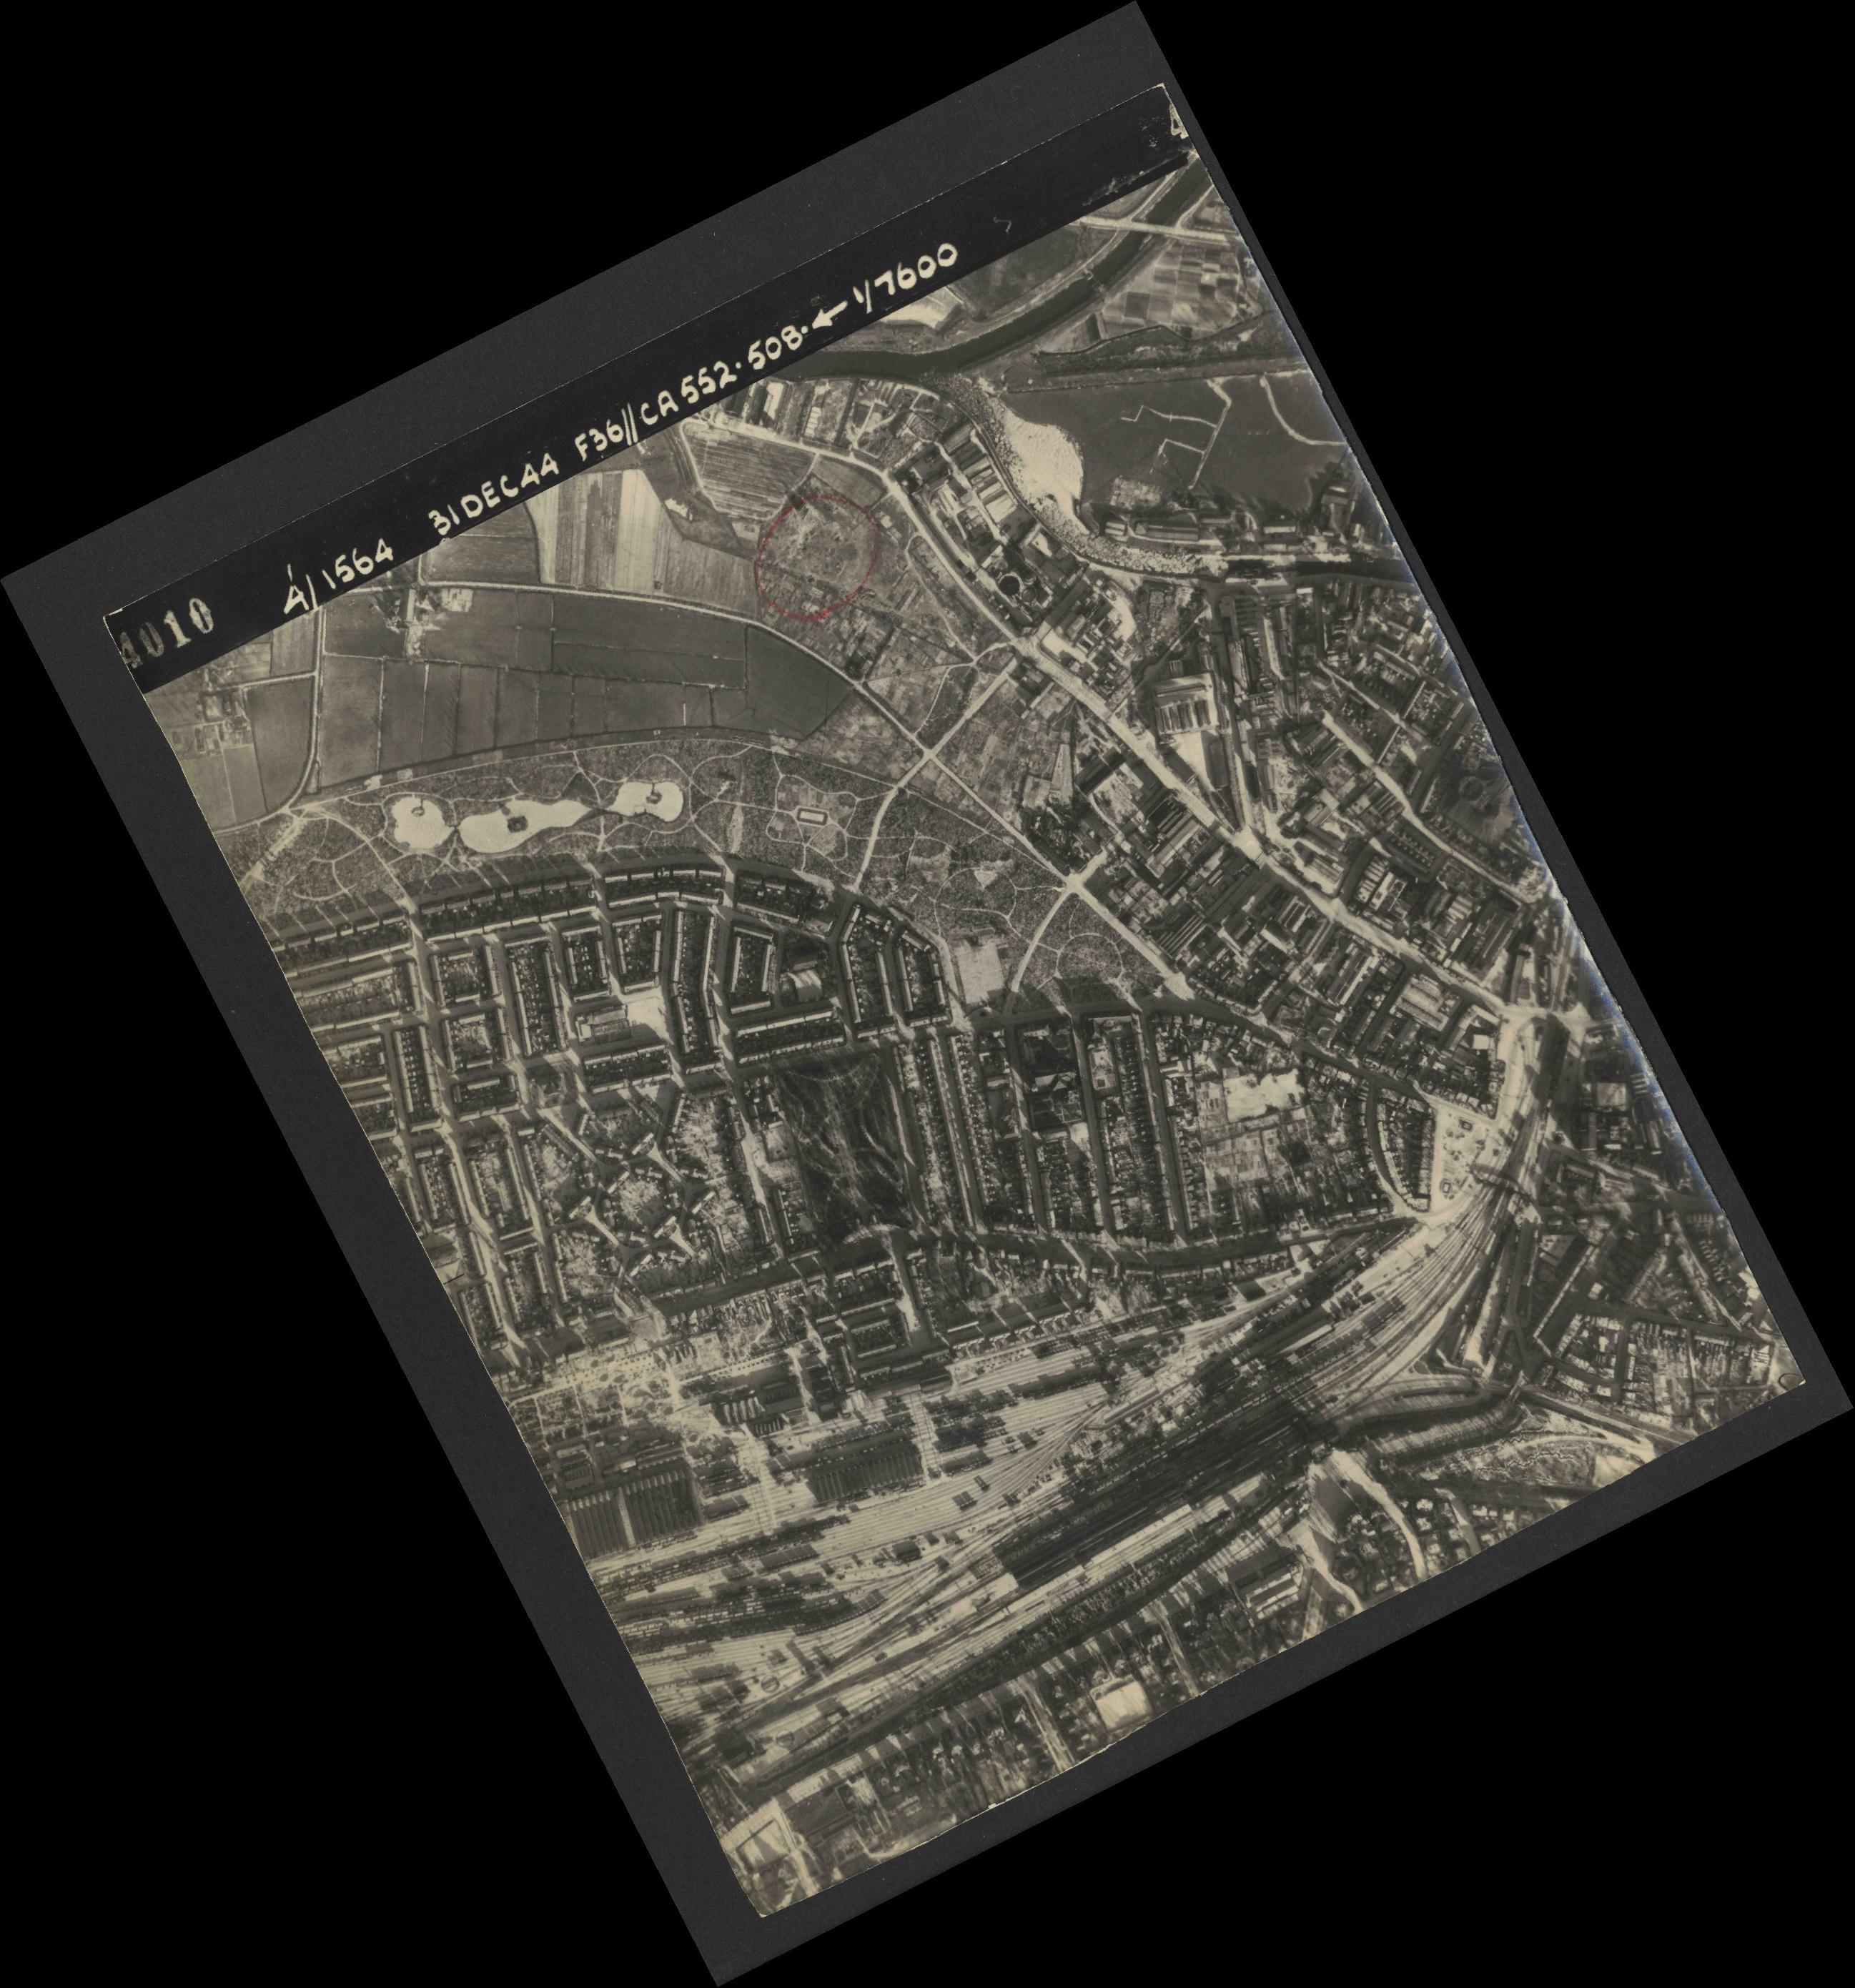 Collection RAF aerial photos 1940-1945 - flight 351, run 01, photo 4010